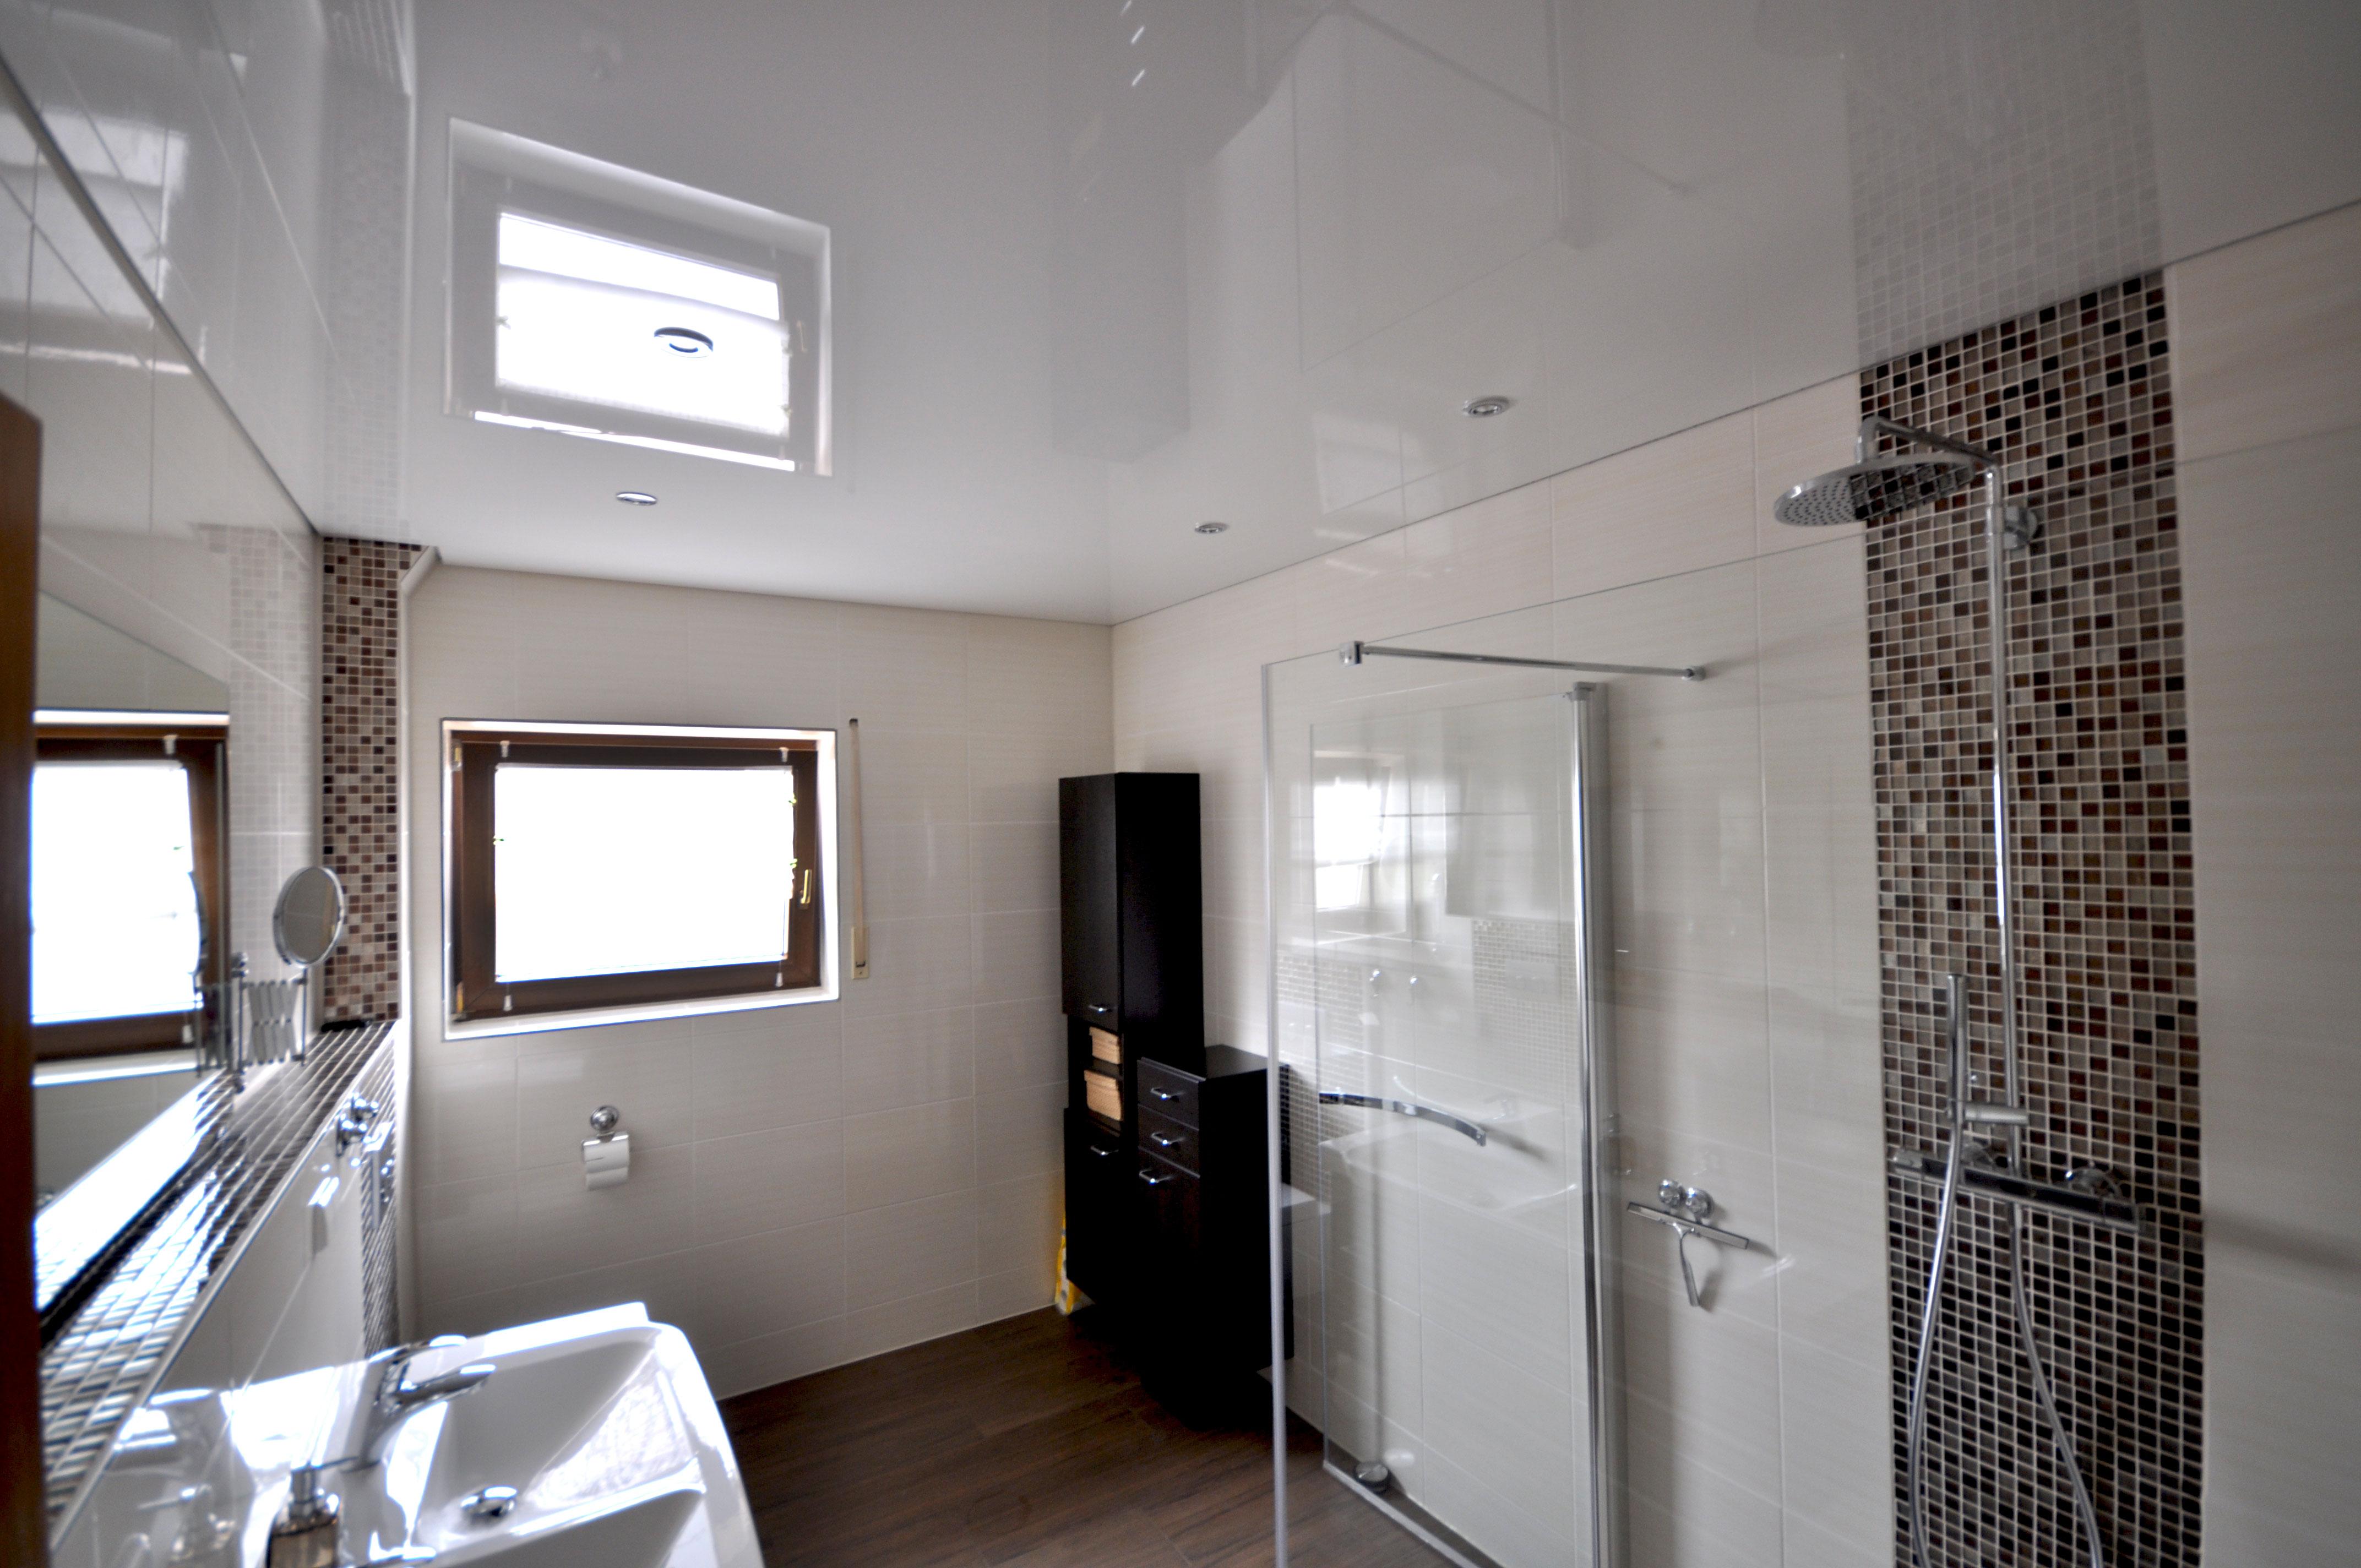 spanndecken badezimmer verschiedene. Black Bedroom Furniture Sets. Home Design Ideas